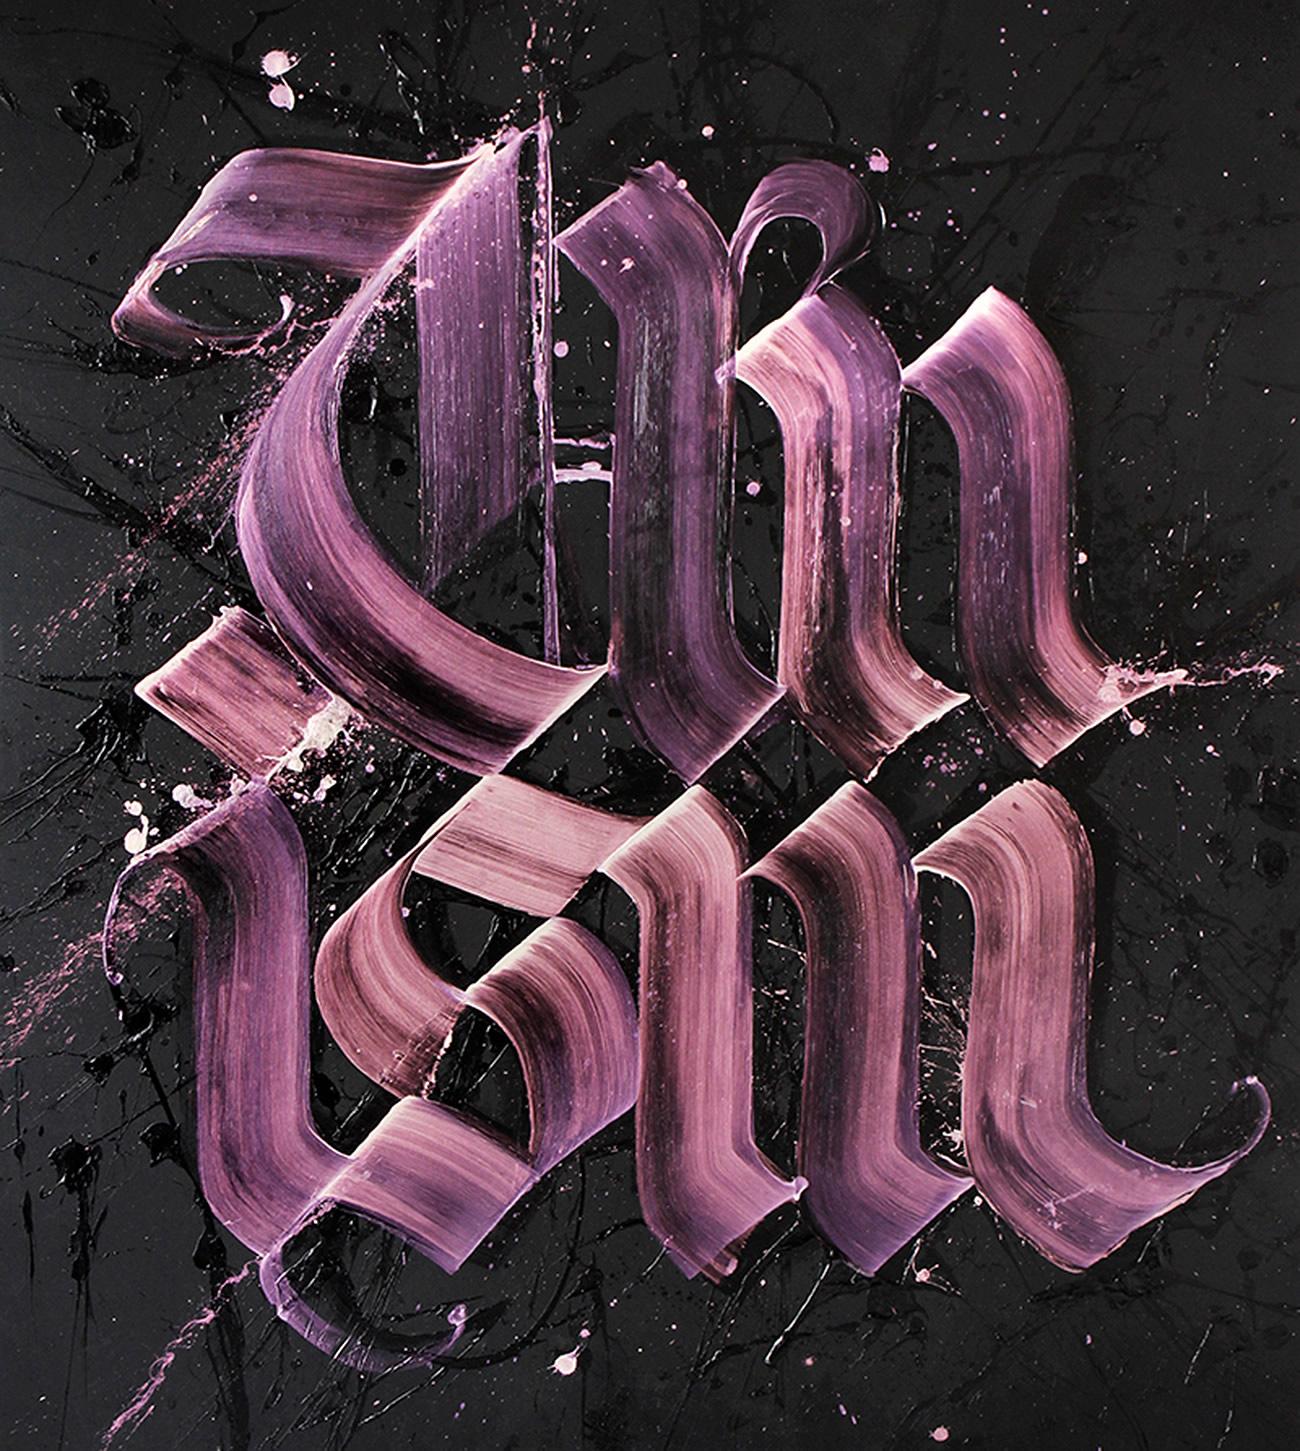 pink letters by Niels Shoe Meulman